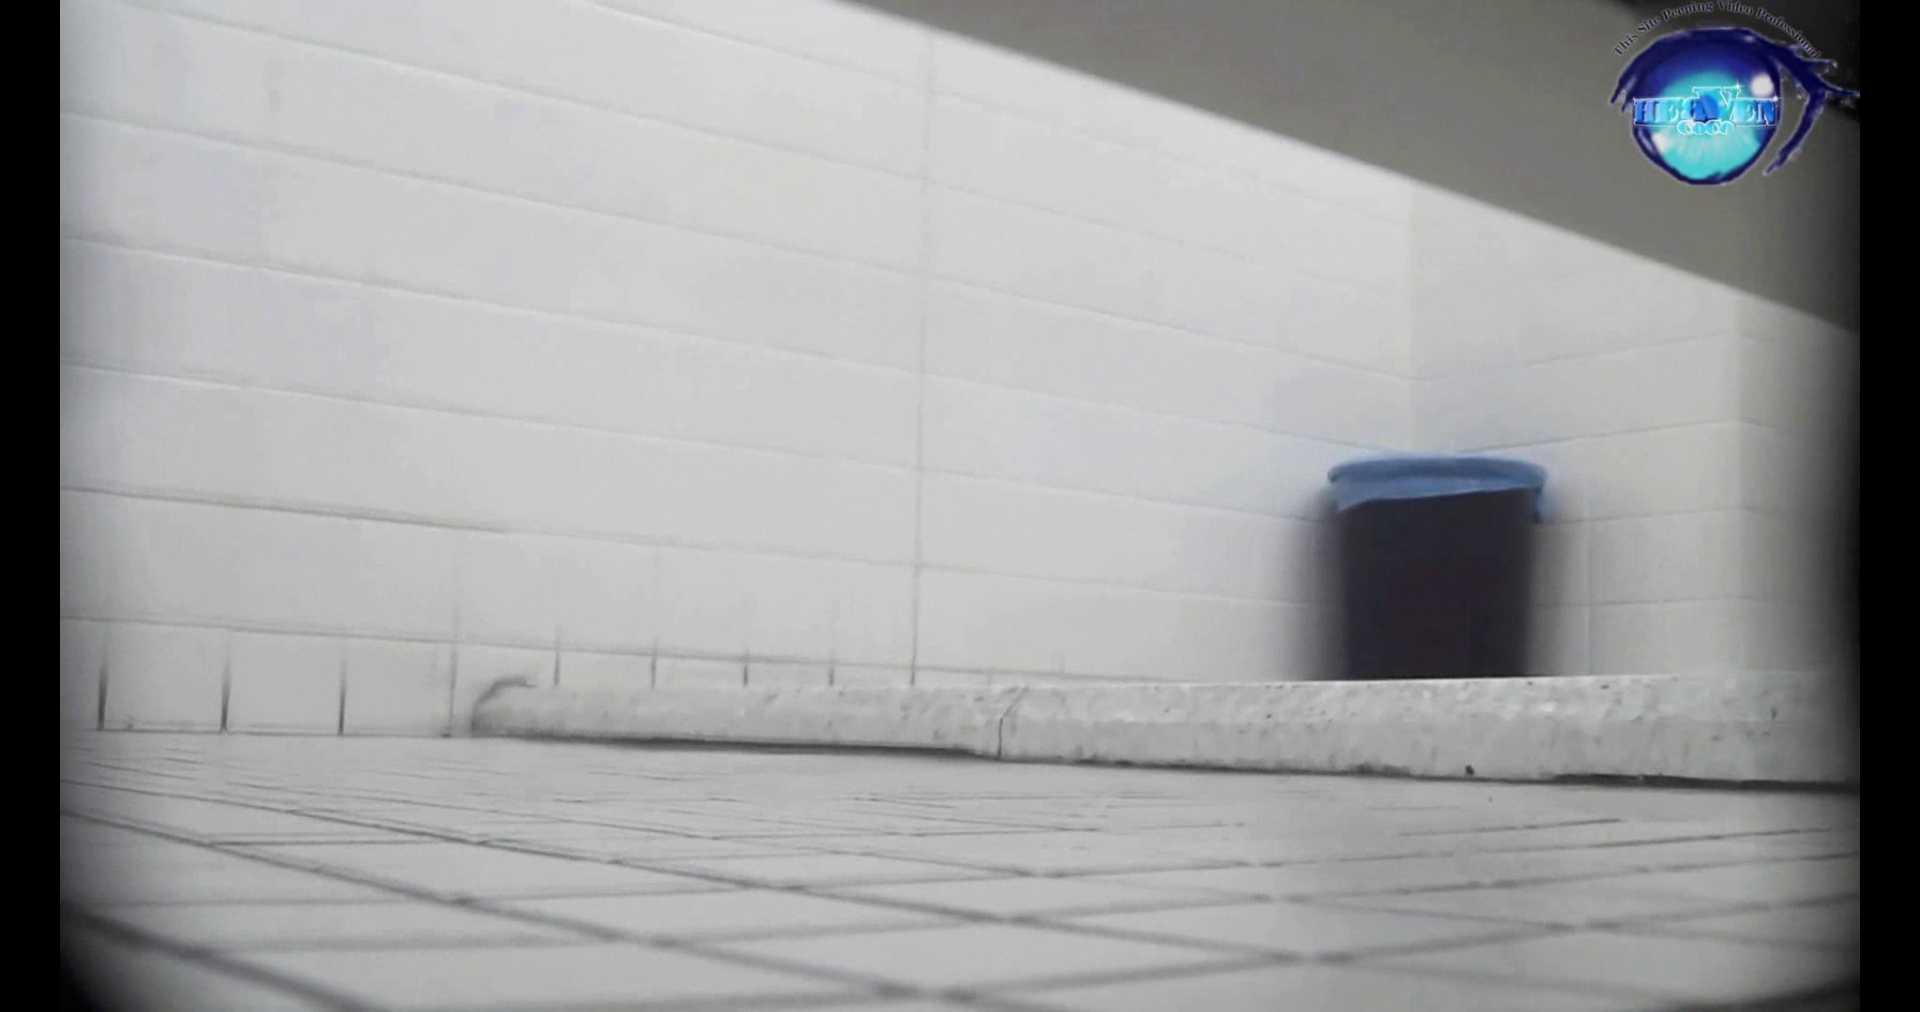 お銀さんの洗面所突入レポート!!vol.72 あのかわいい子がついフロント撮り実演 洗面所編 | バックショット  100PIX 25